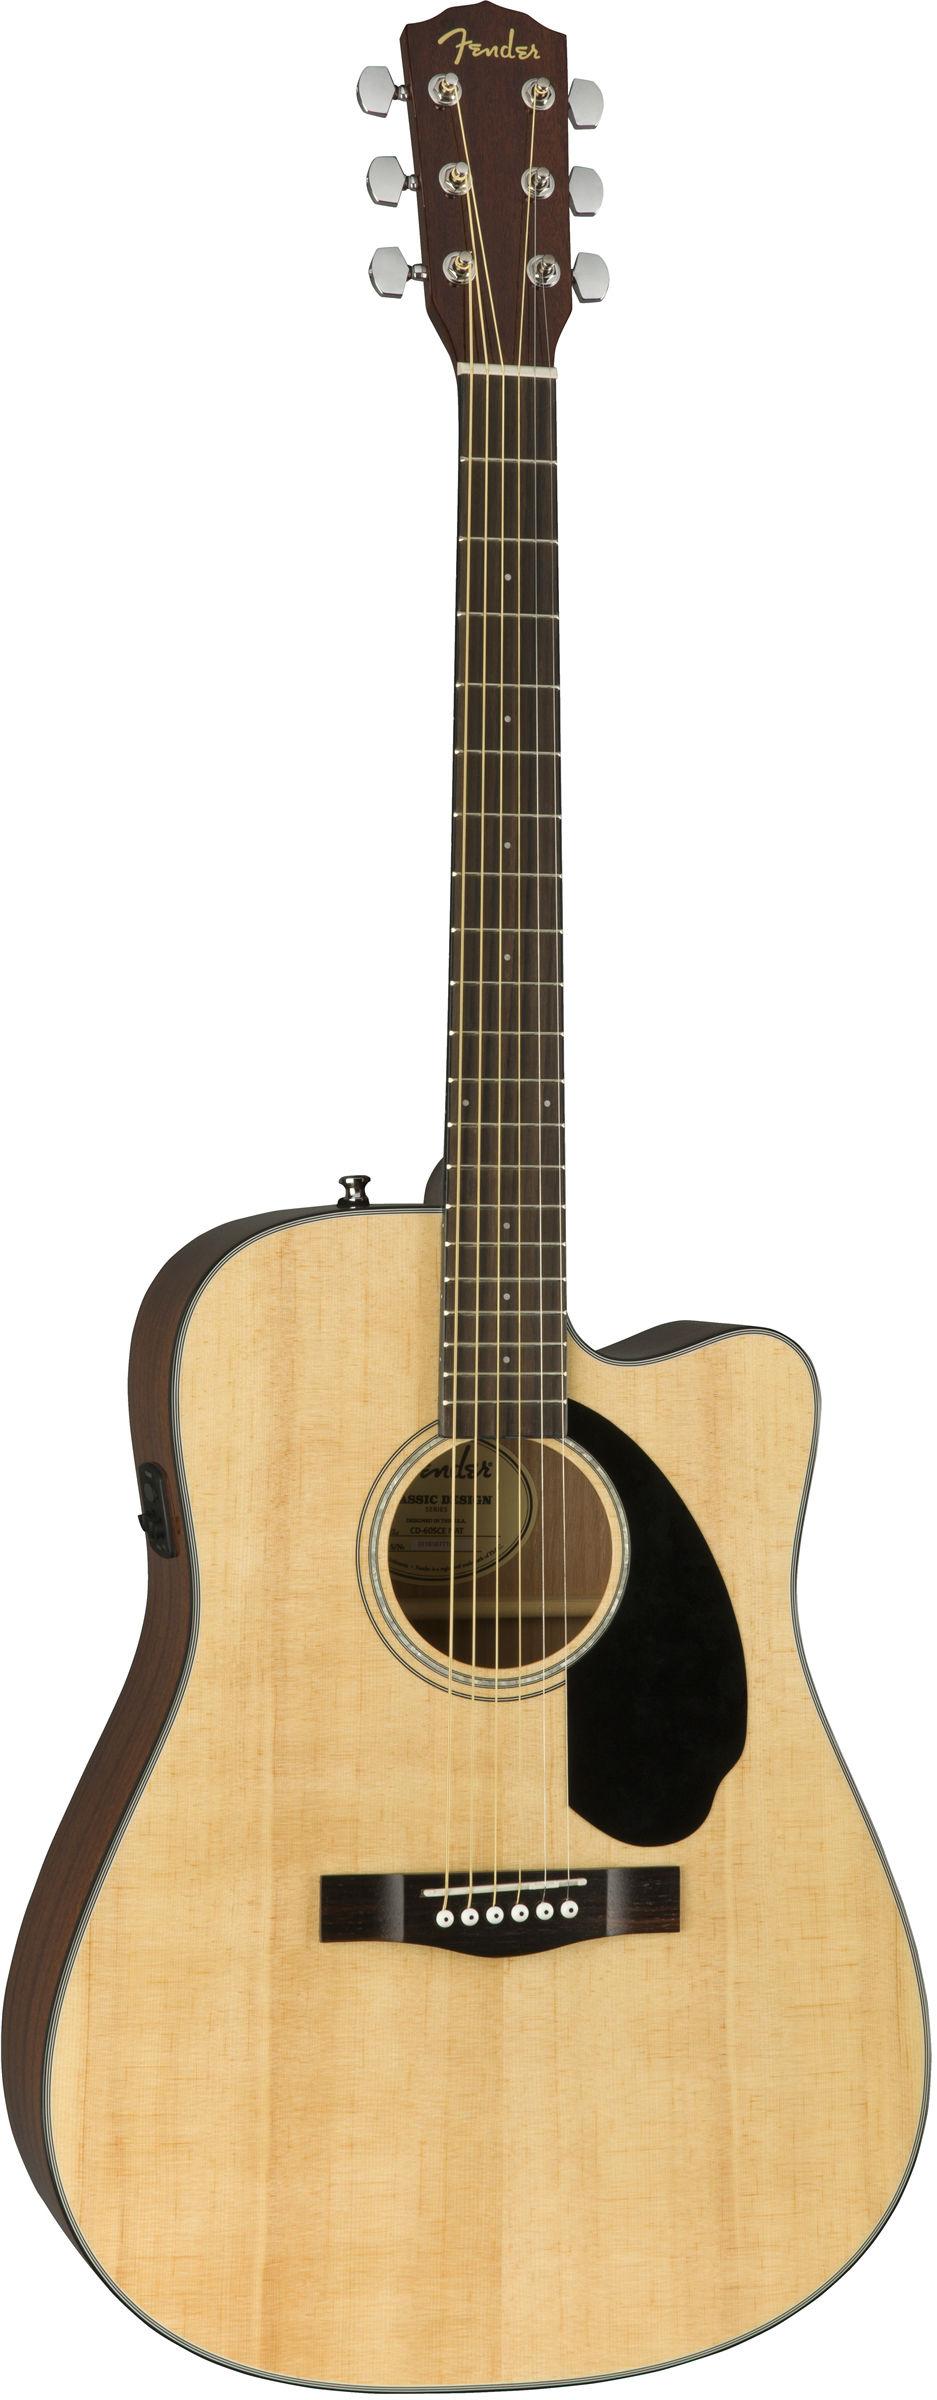 FENDER CD-60SCE NAT электроакустическая гитара, топ - массив ели, цвет натуральный